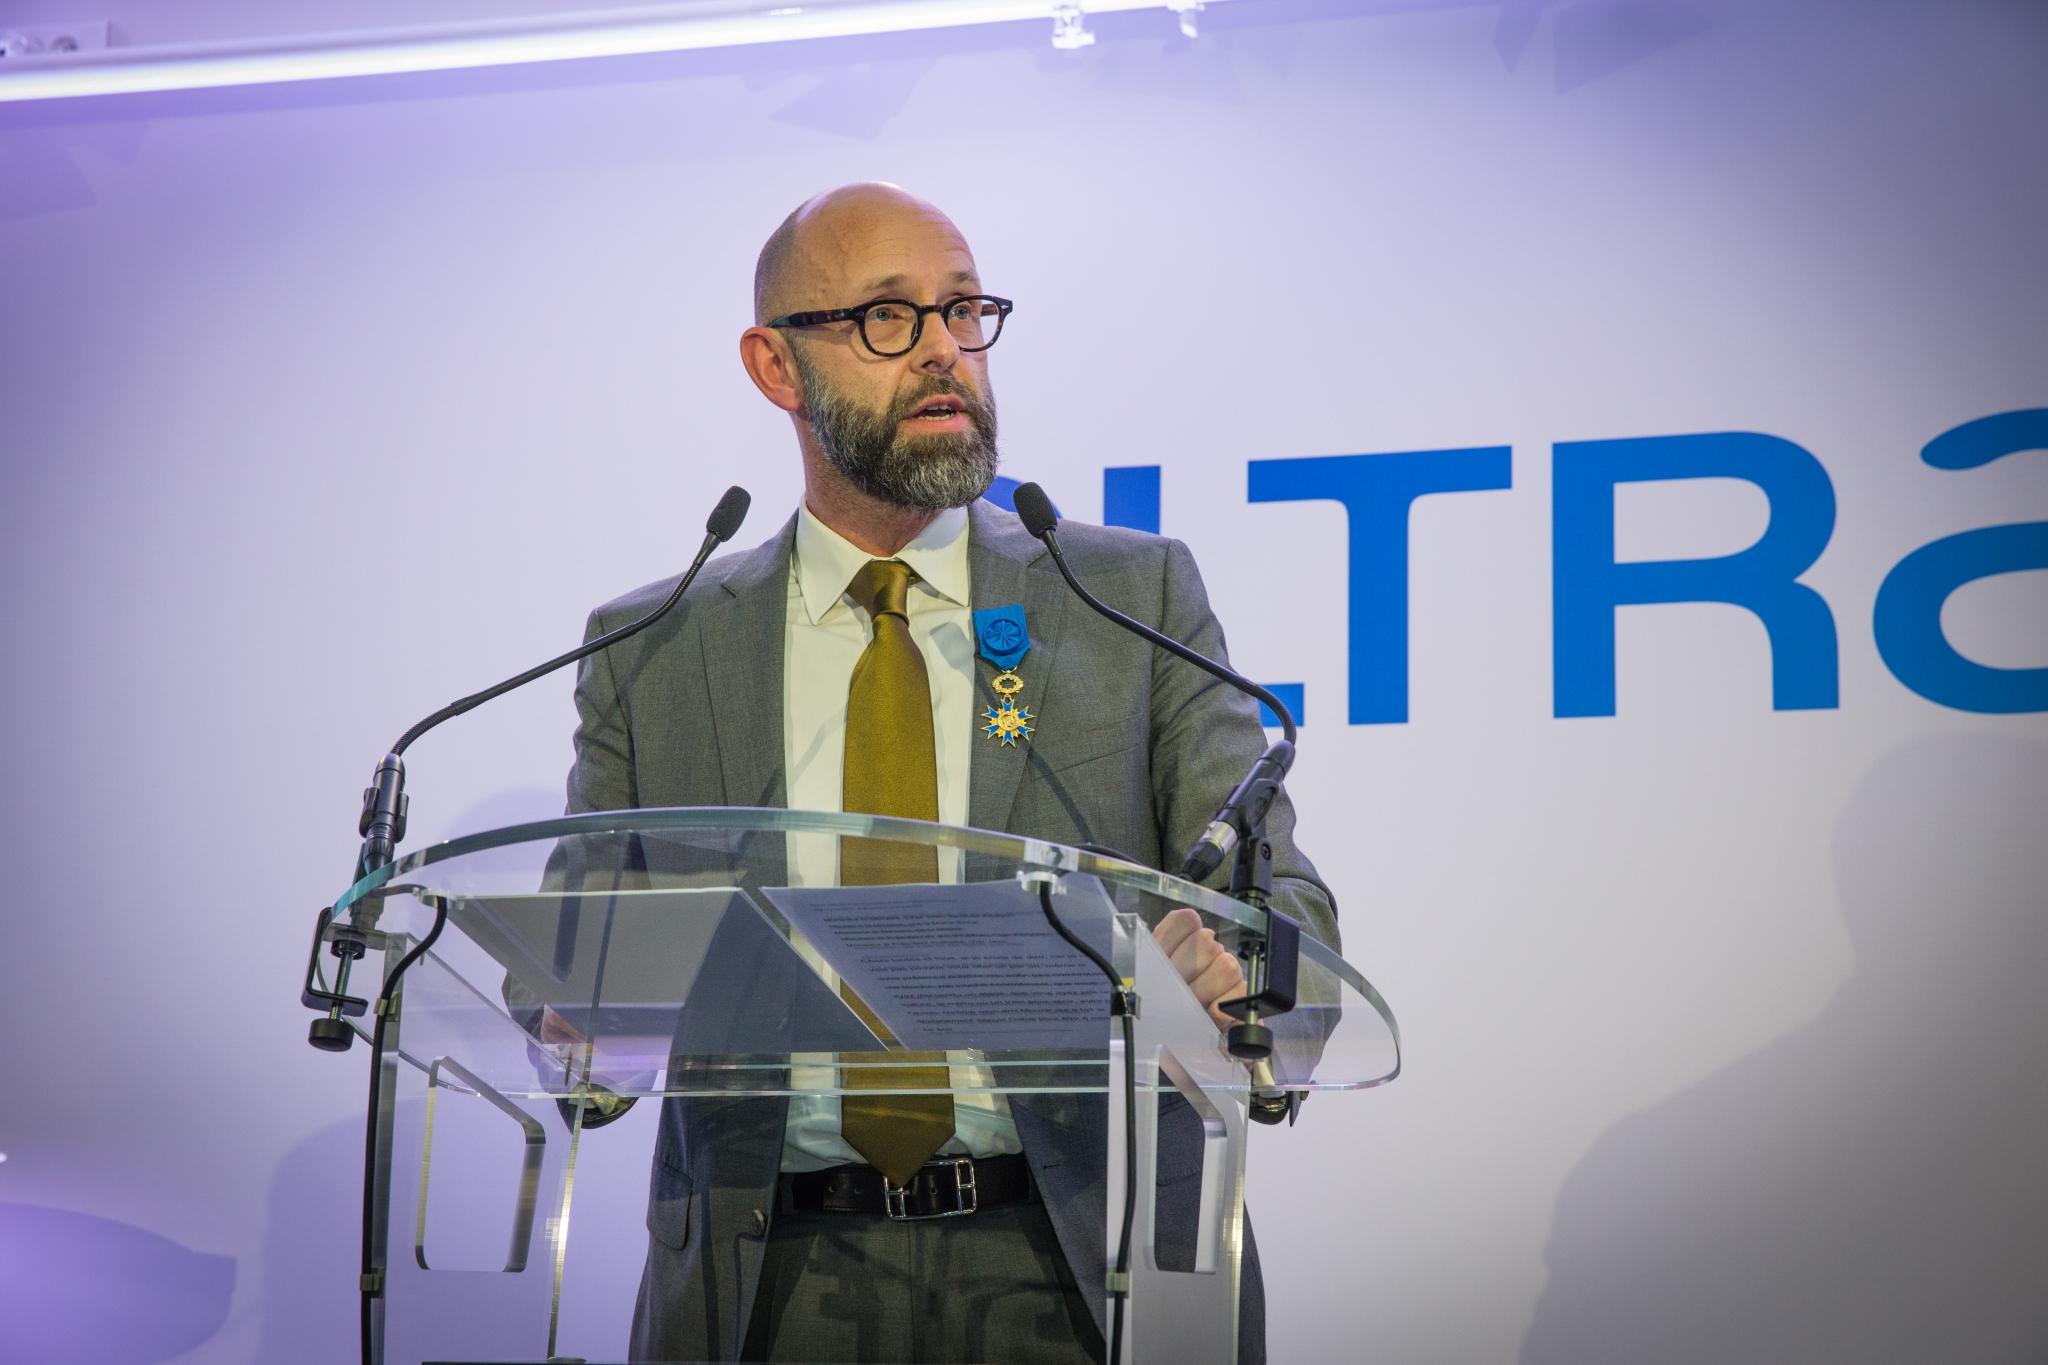 FREDERIC FOUGERAT RECOIT LES INSIGNES D'OFFICIER DE L'ORDRE NATIONAL DU MERITE